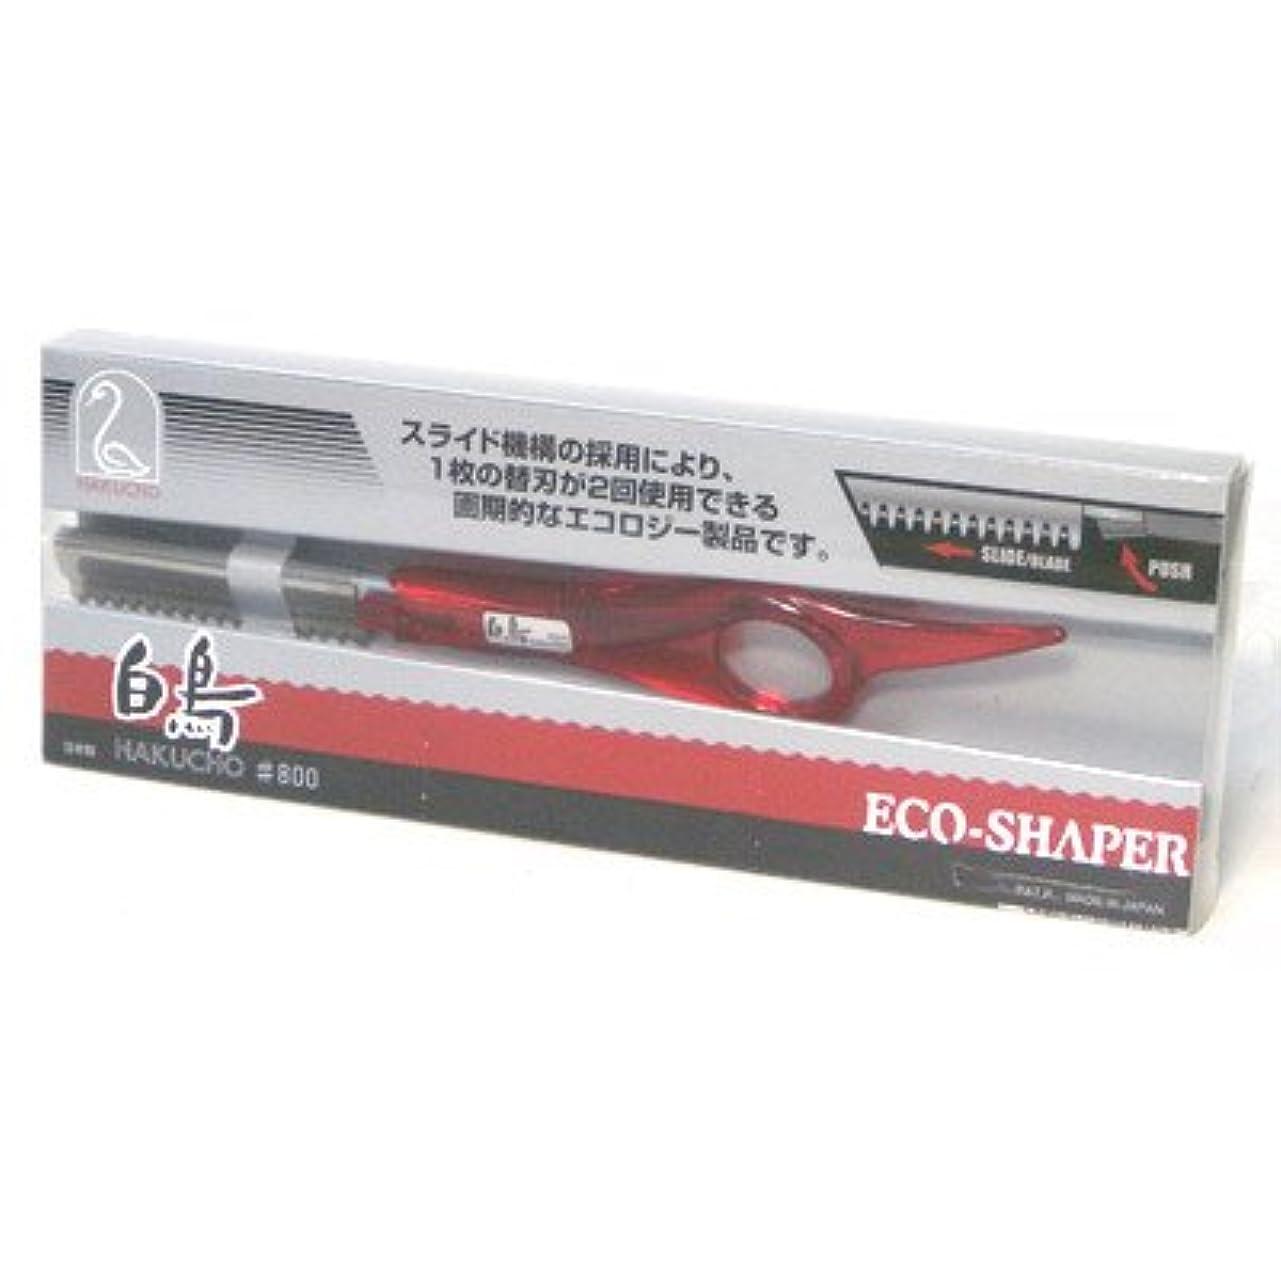 退屈なカスケード照らす白鳥 カットレザー #800 ECO-SHAPER